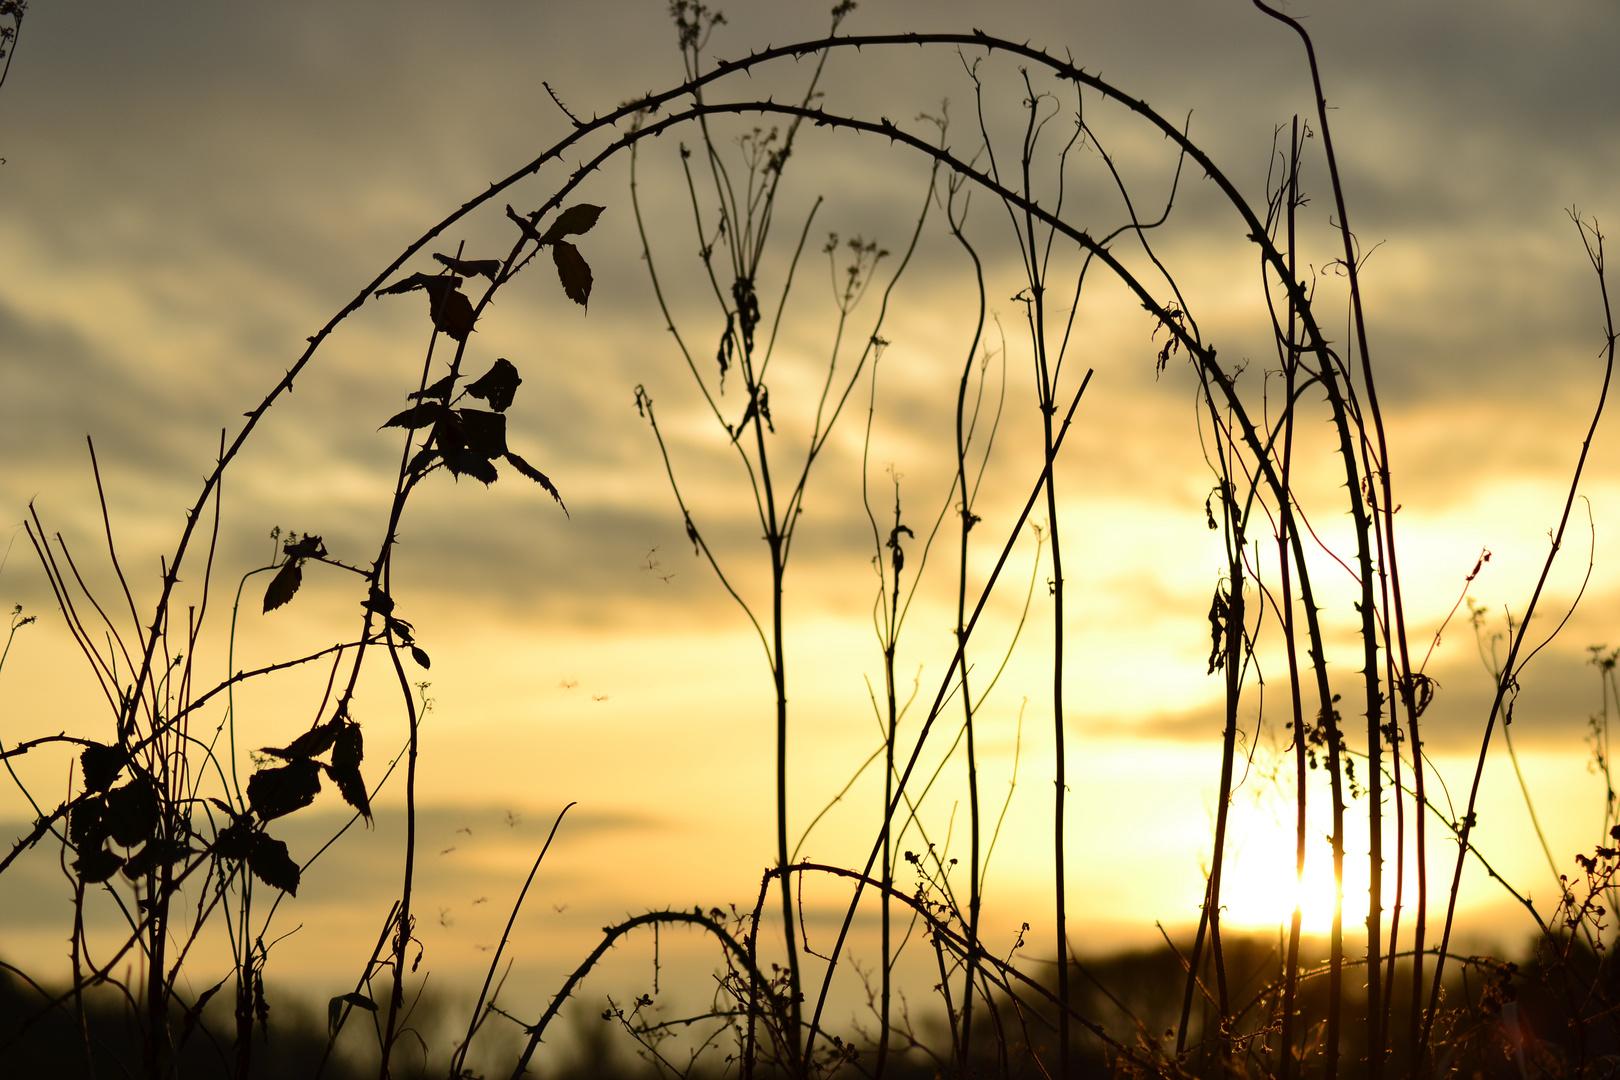 Mücken im Sonnenuntergang